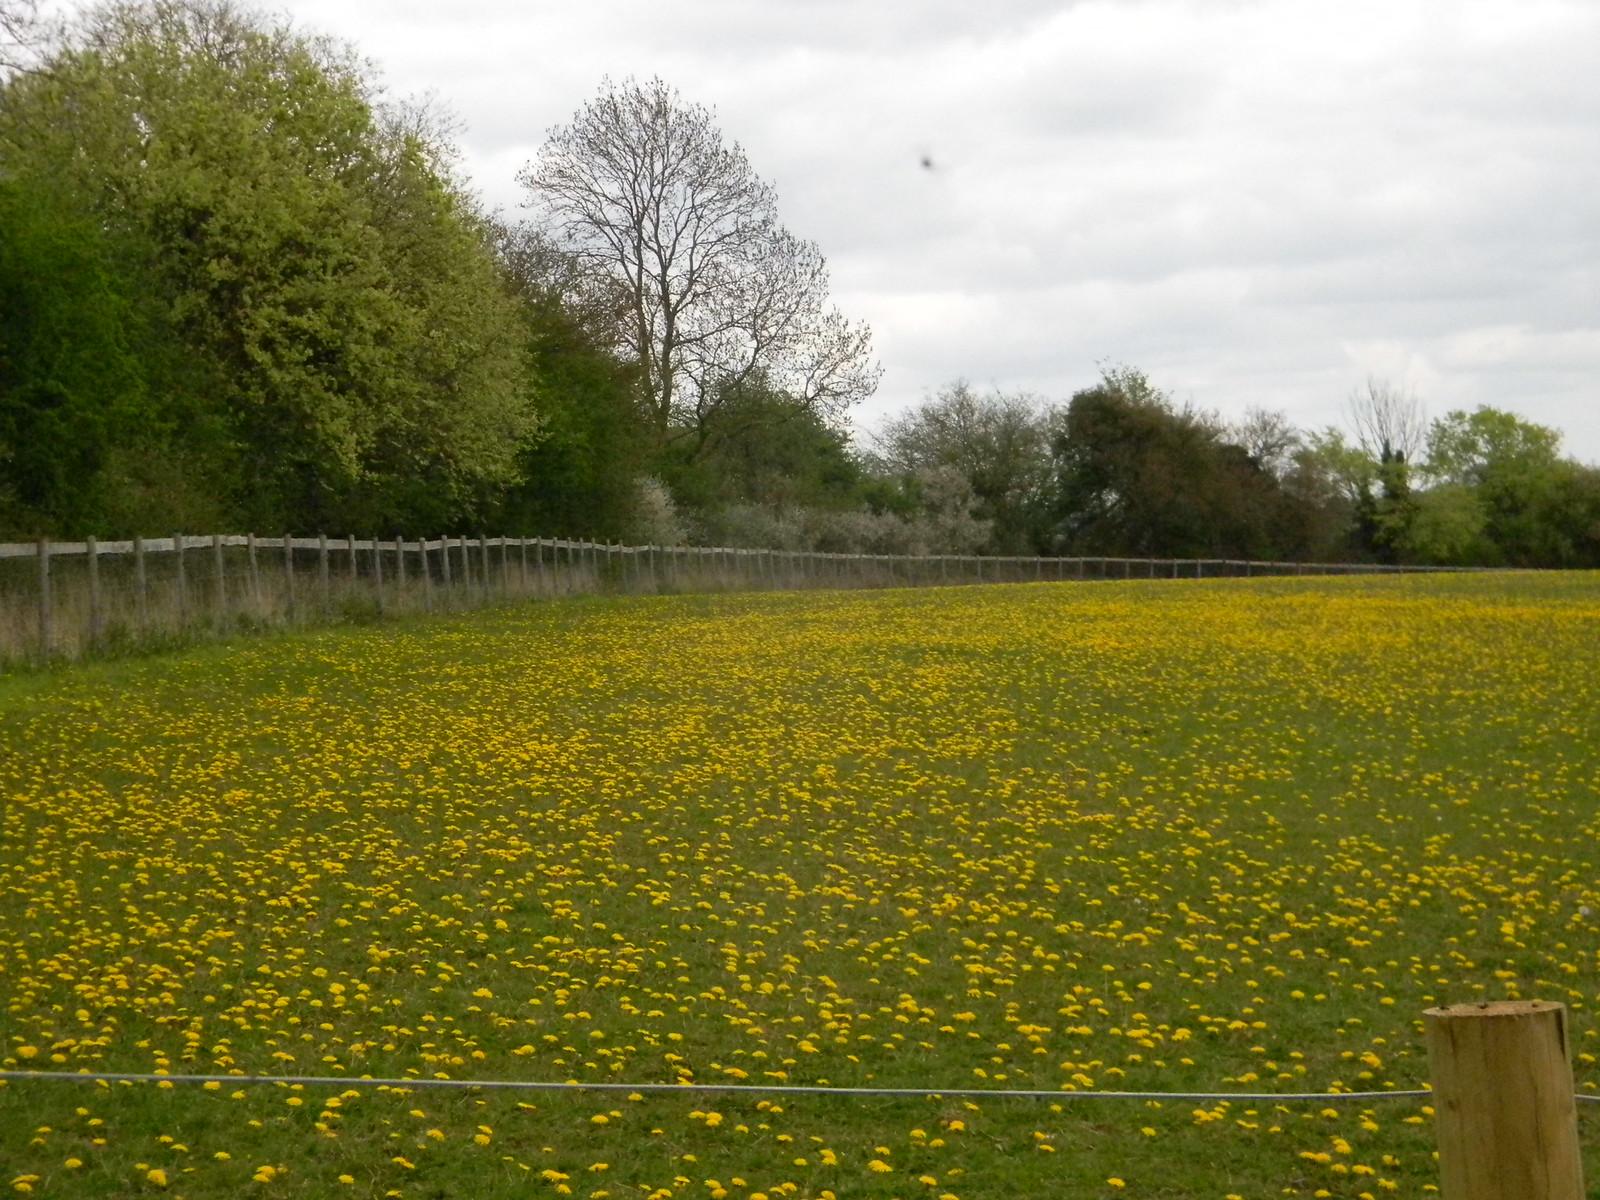 Field of dandelions Shiplake to Henley